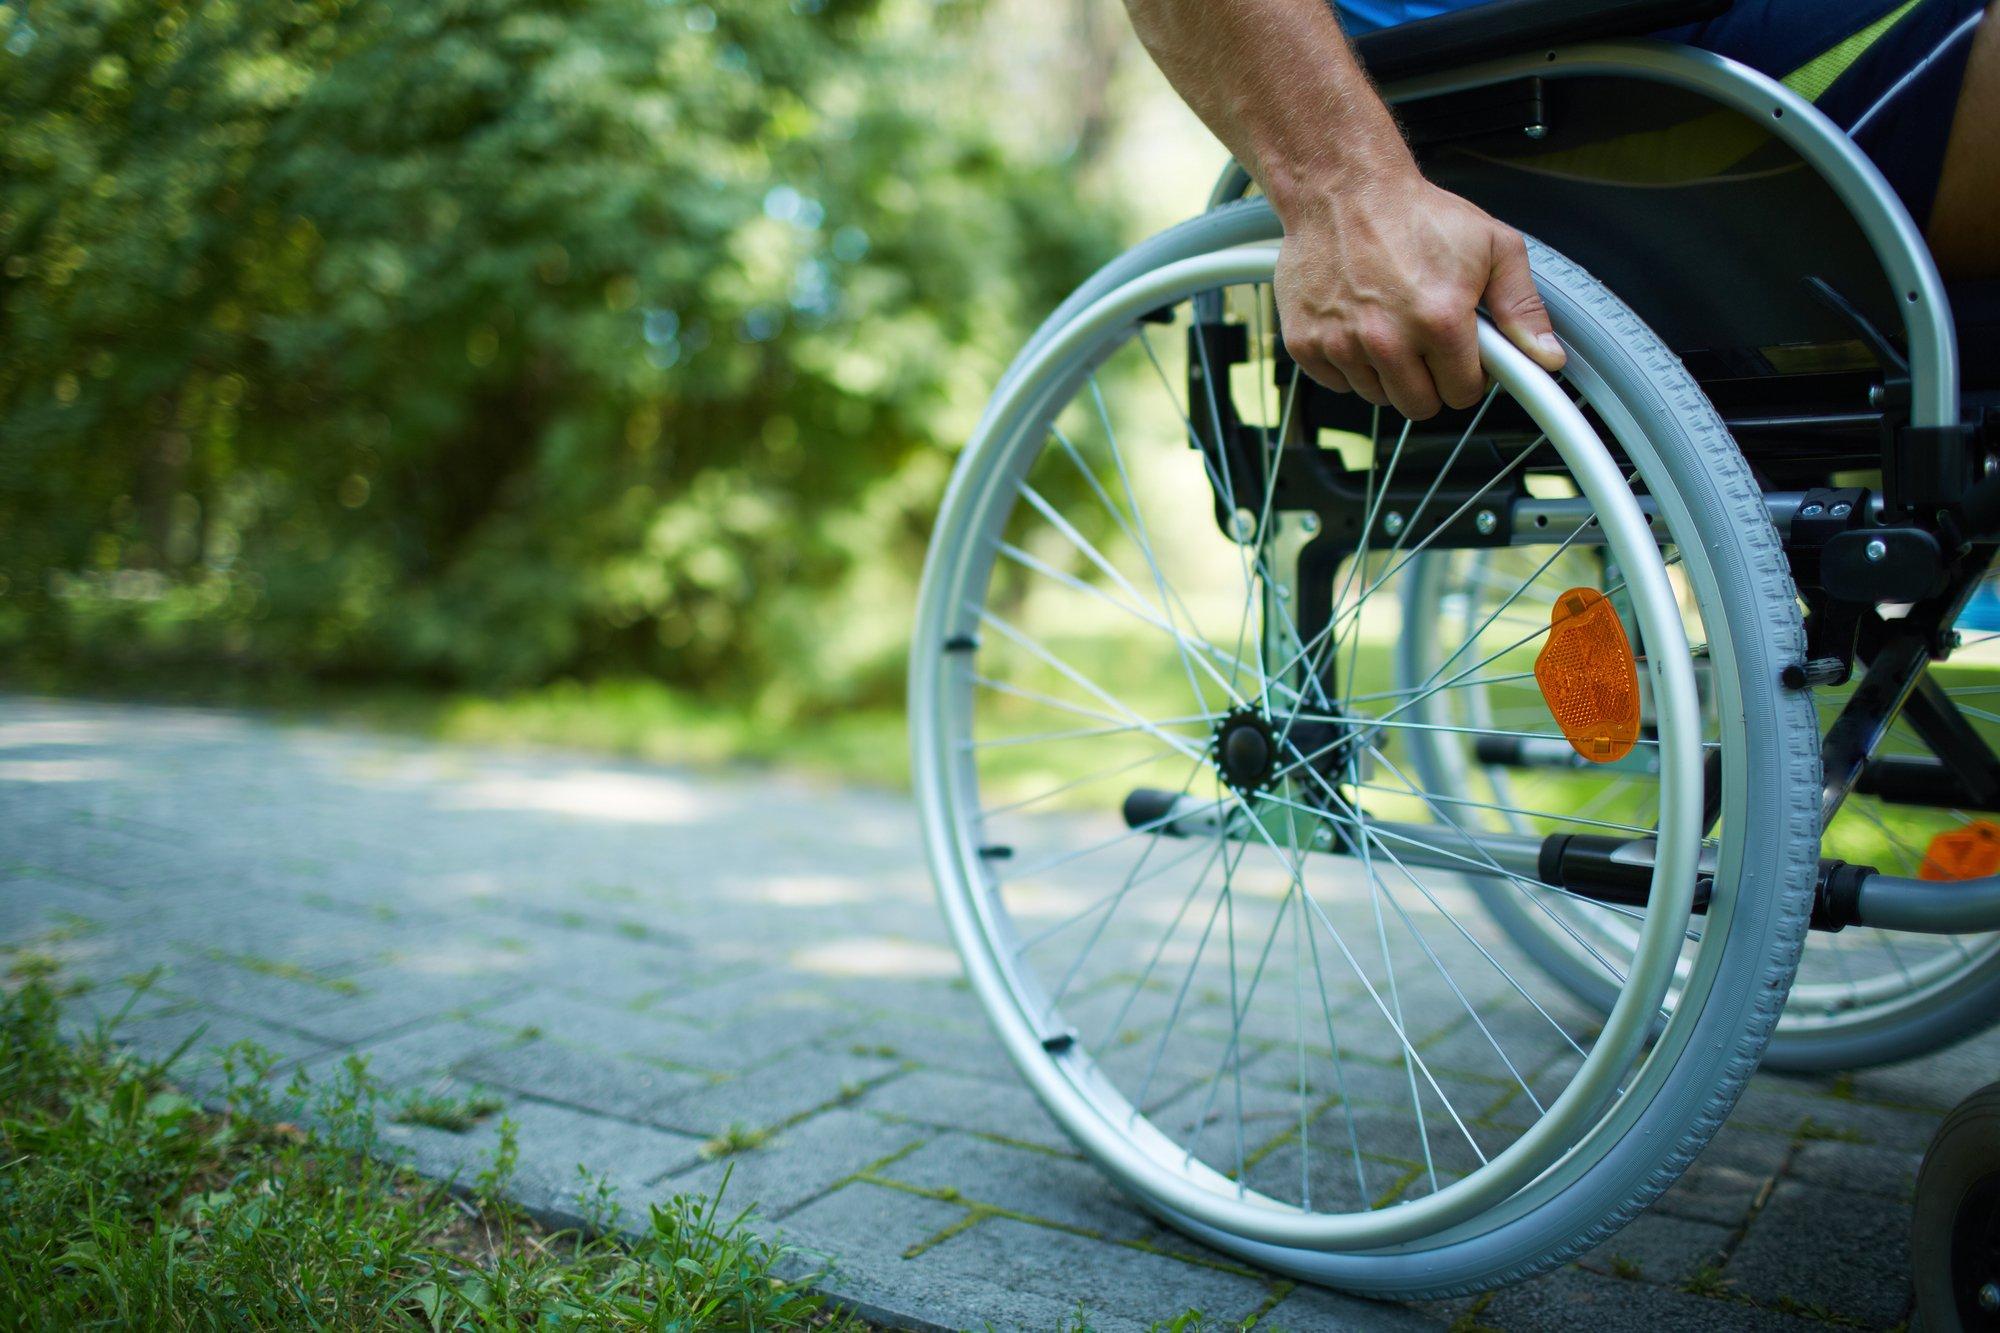 depositphotos 32902693 l 2015.jpg?resize=412,232 - Paraplégique, il est capable de remarcher à l'aide de stimulations électriques.